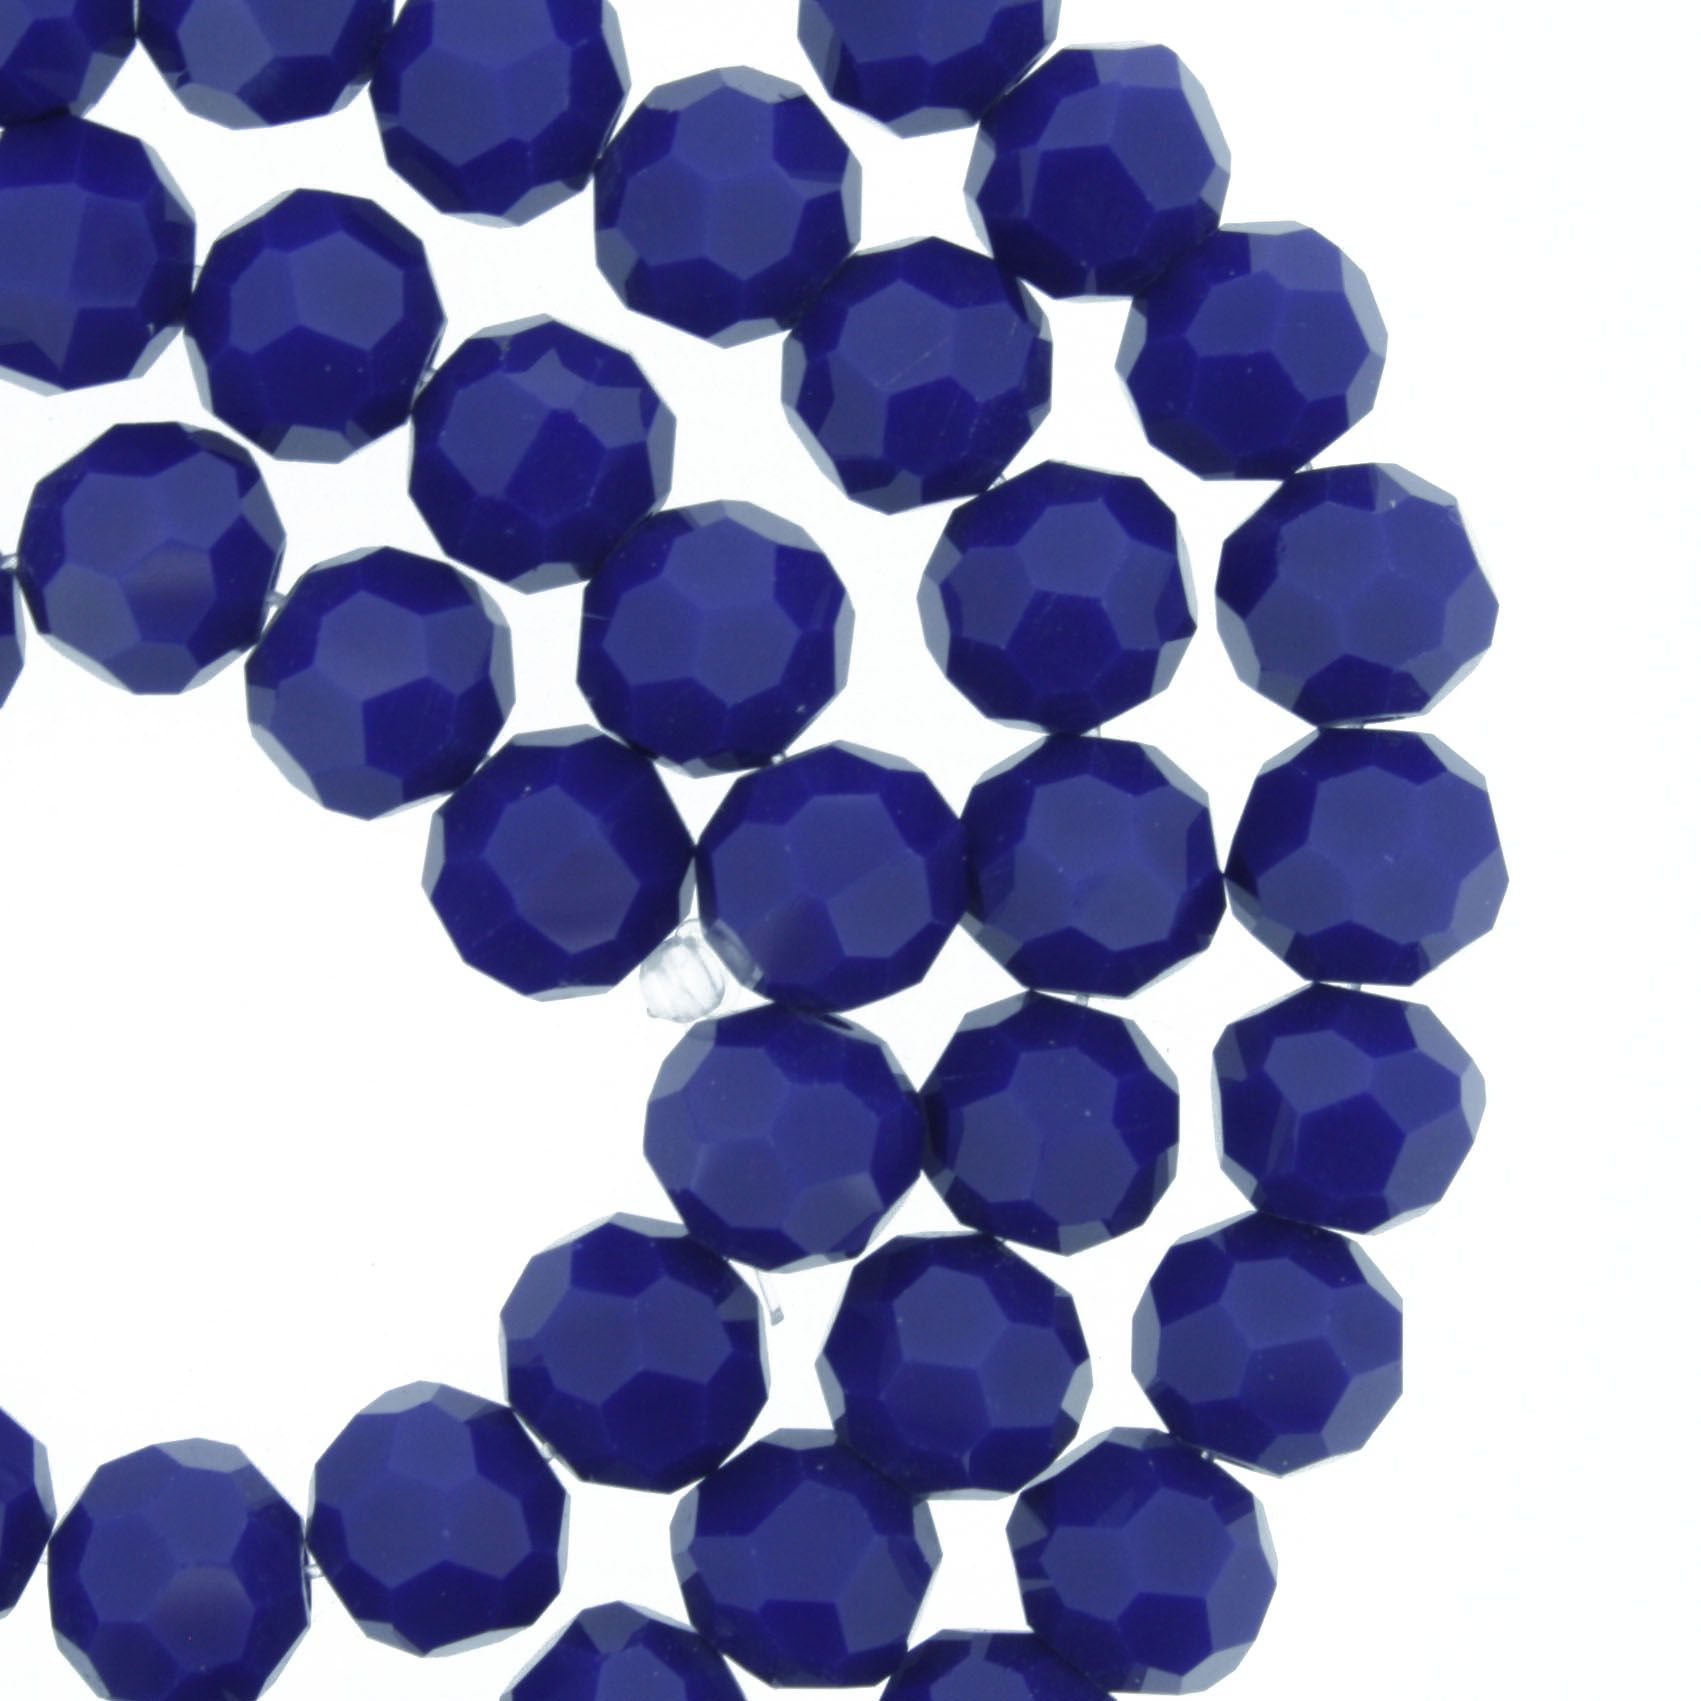 Fio de Cristal - Bello® - Azul Royal - 8mm  - Universo Religioso® - Artigos de Umbanda e Candomblé